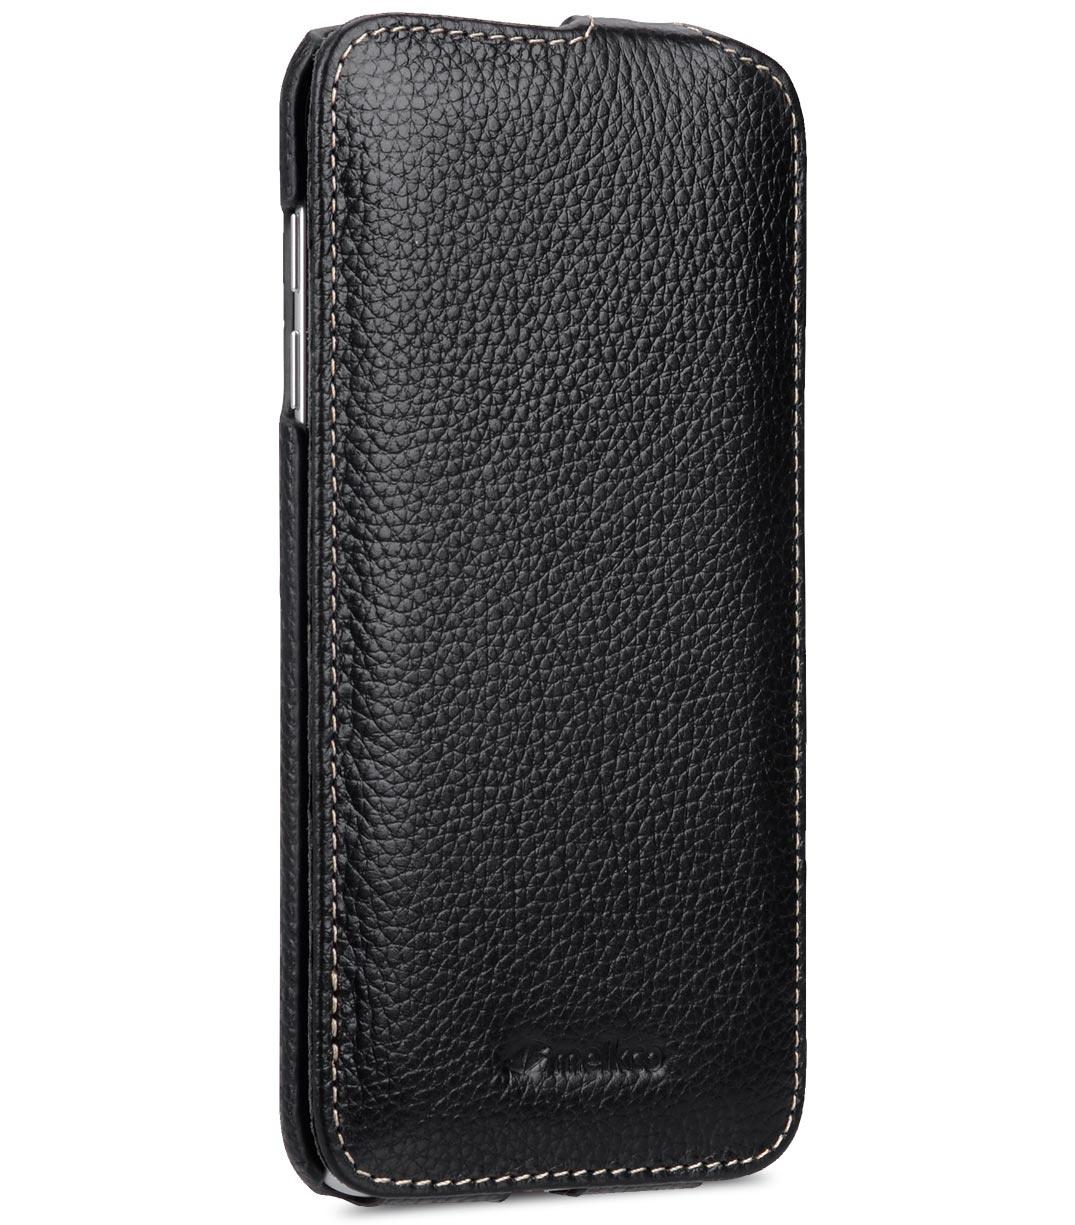 Кожаный чехол флип Melkco для Samsung Galaxy S7 Edge, черный mooncase для samsung galaxy а7 кожаный чехол держатель кошелек флип карты с kickstand чехол обложка no a01